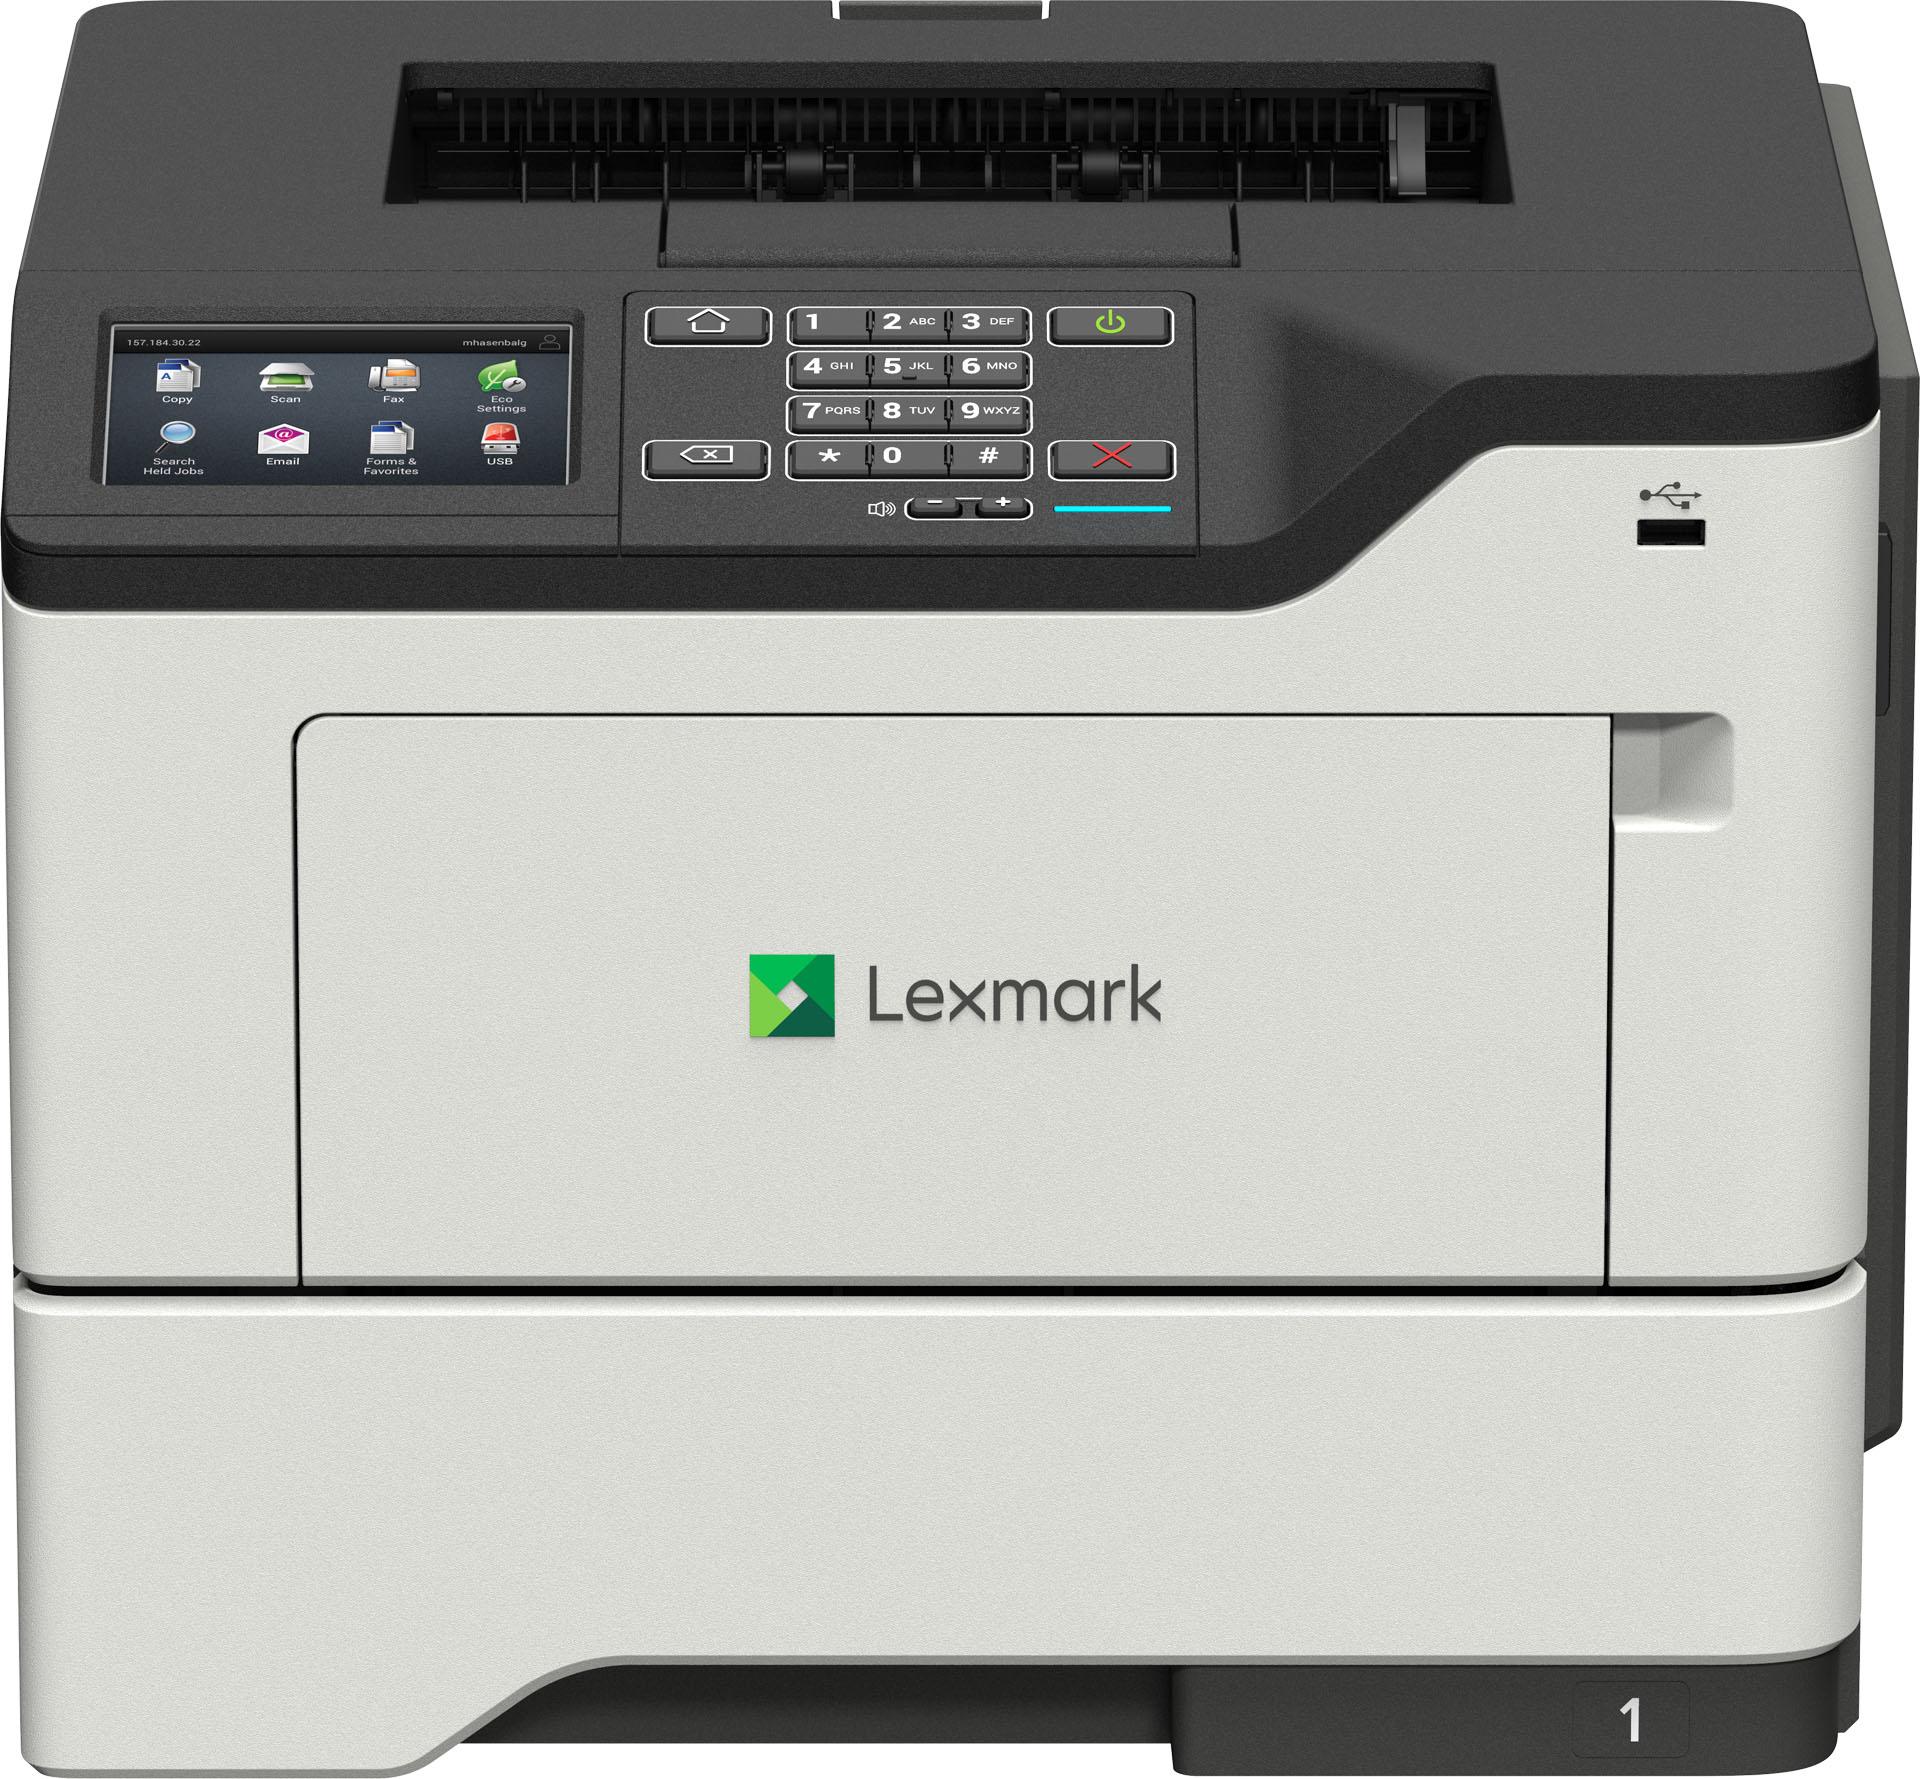 Lexmark M3250 Image